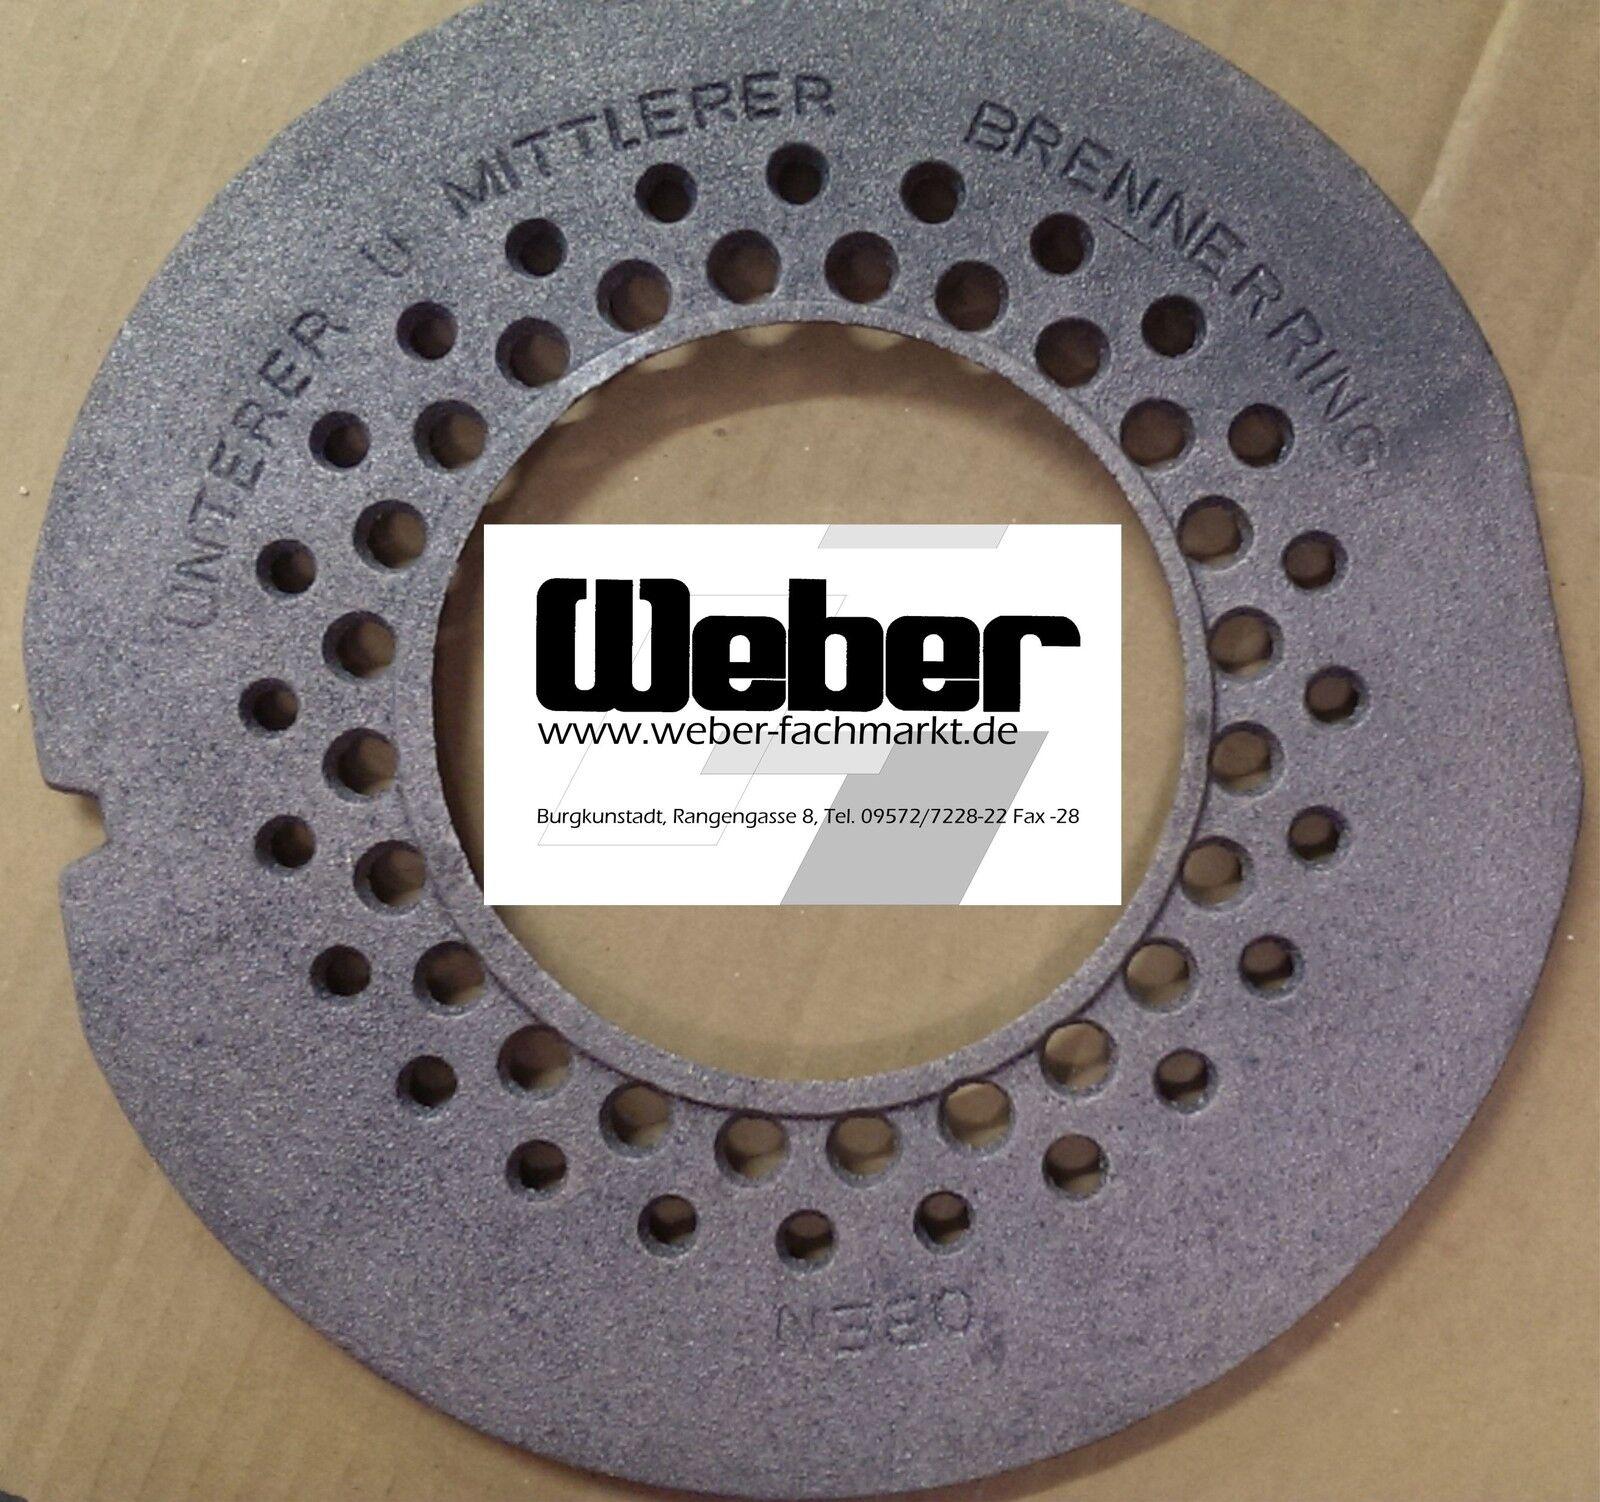 Unterer Brennerringe Brennerring Haas & Sohn Duisburg Ölofen 269 269 269 129mm 961129160 f38af3